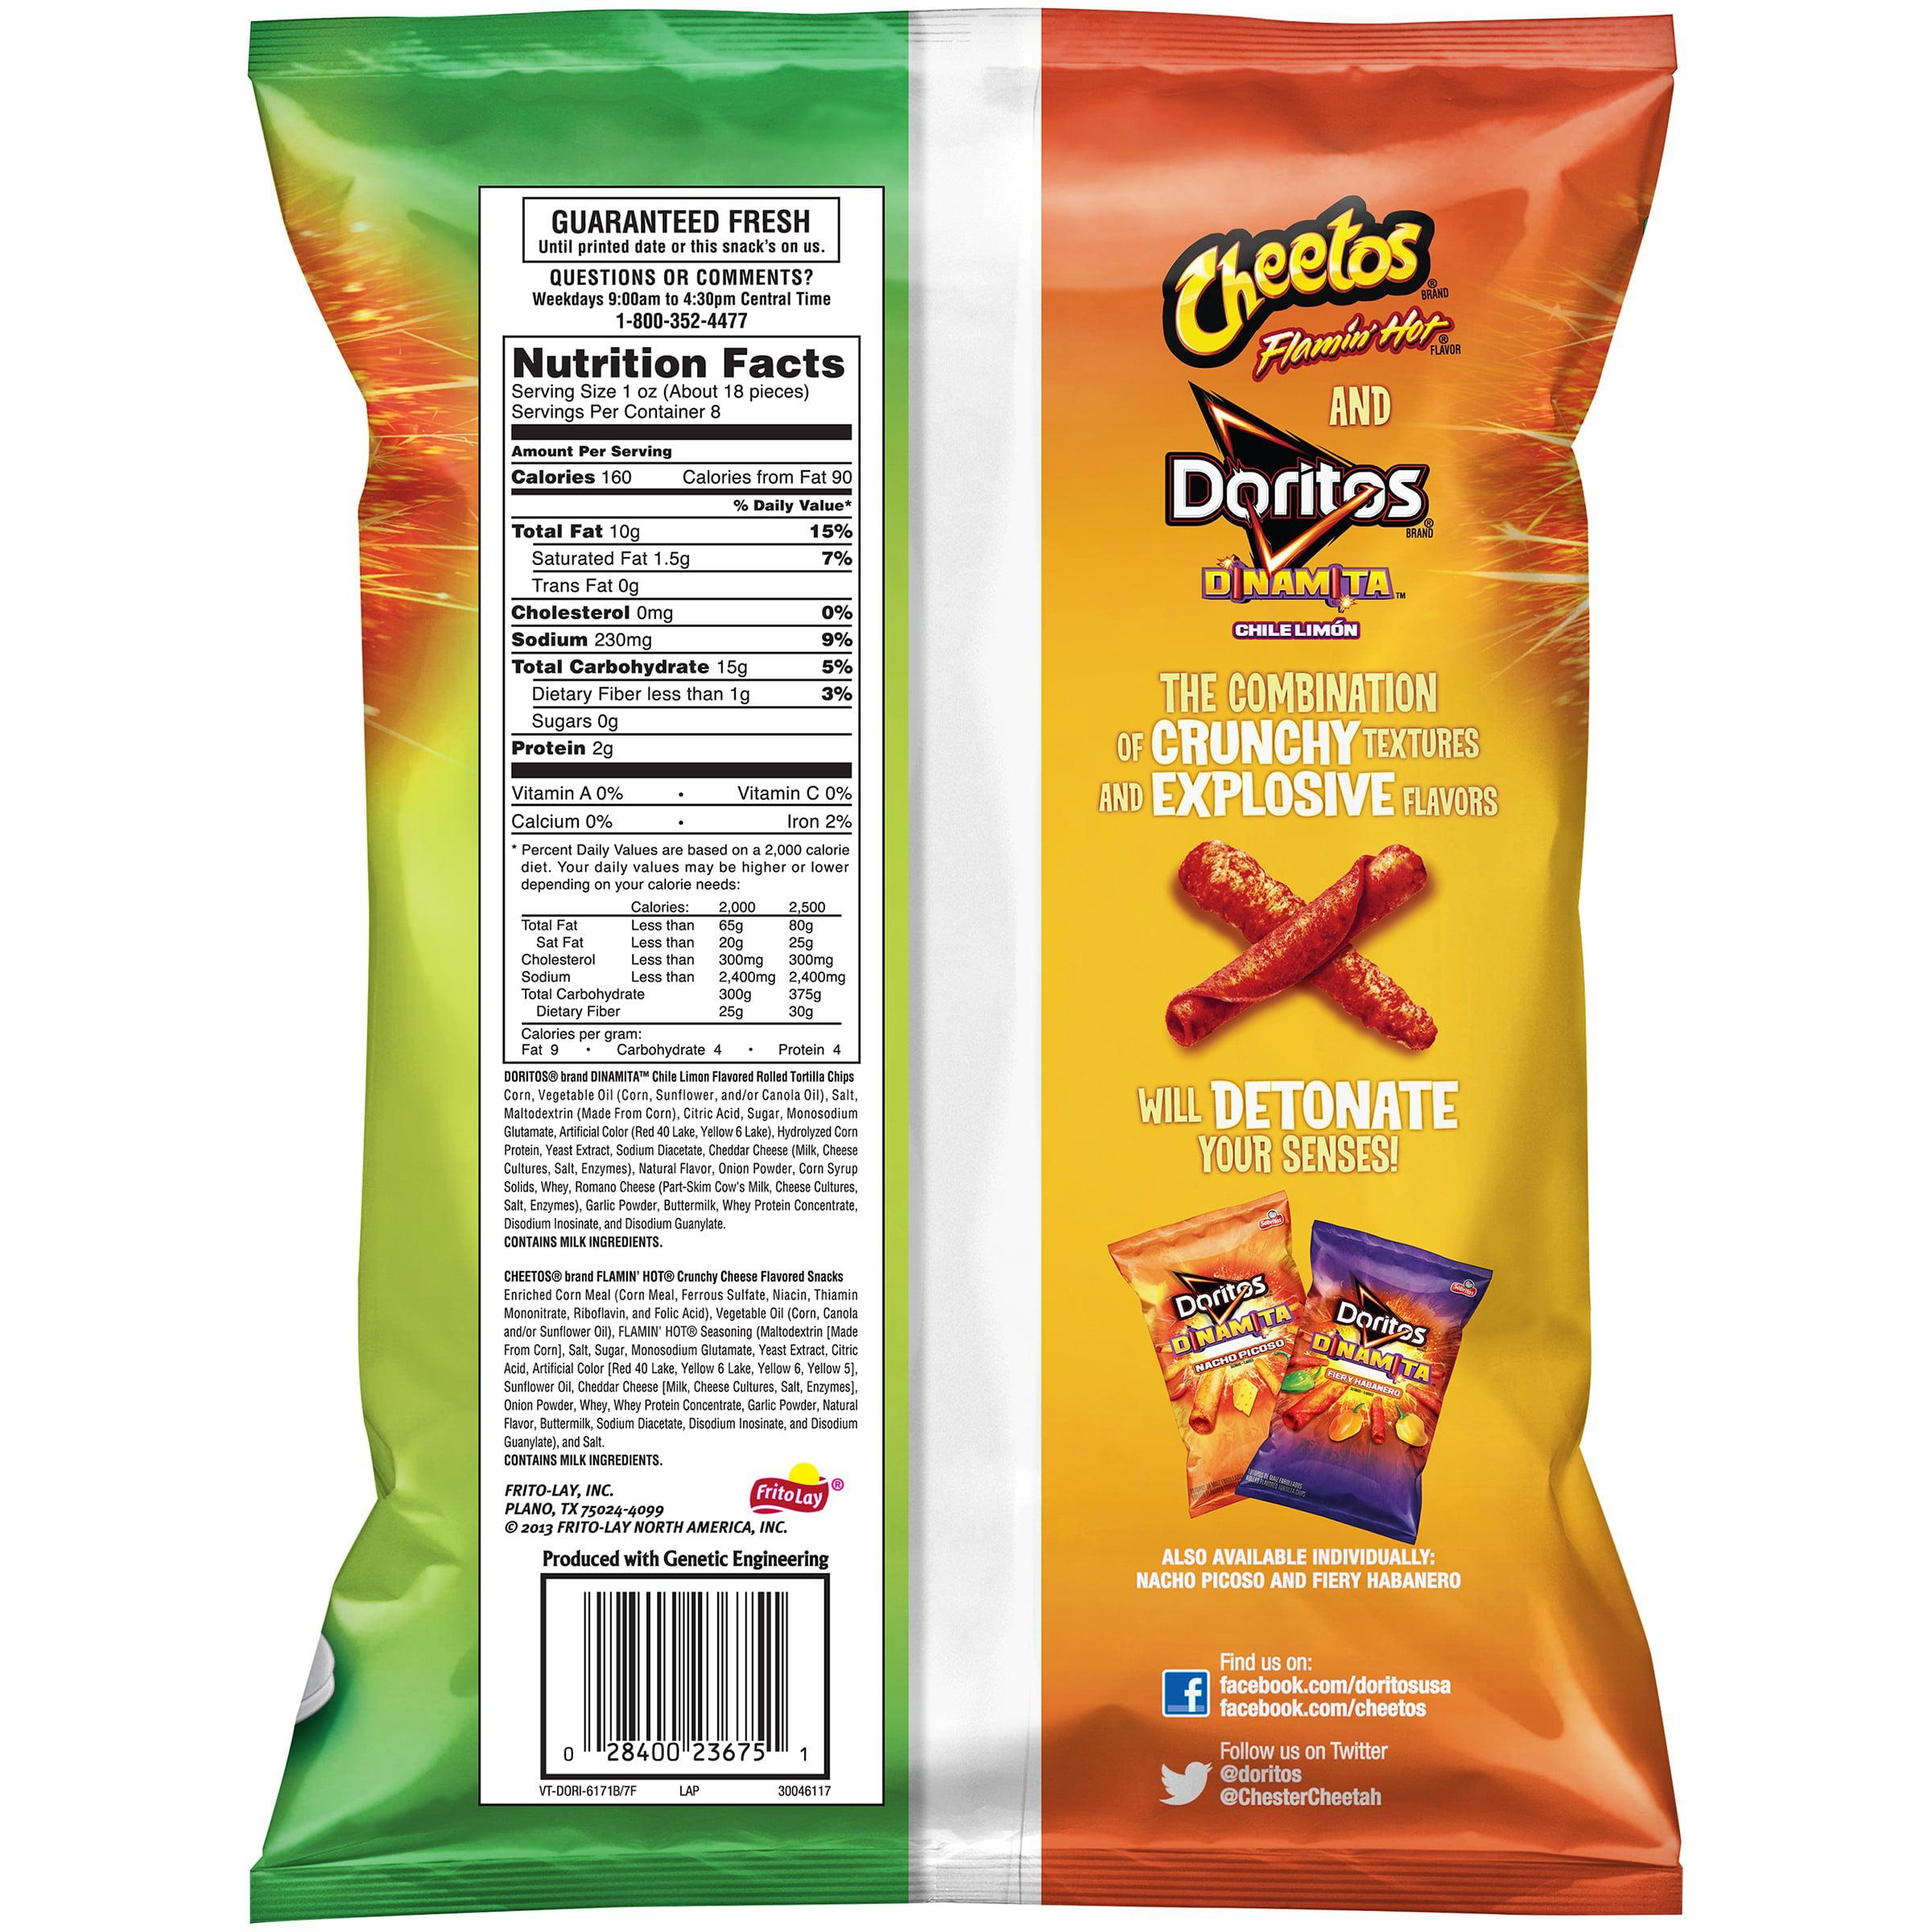 Cheetos, Flamin' Hot & Doritos Dinamita